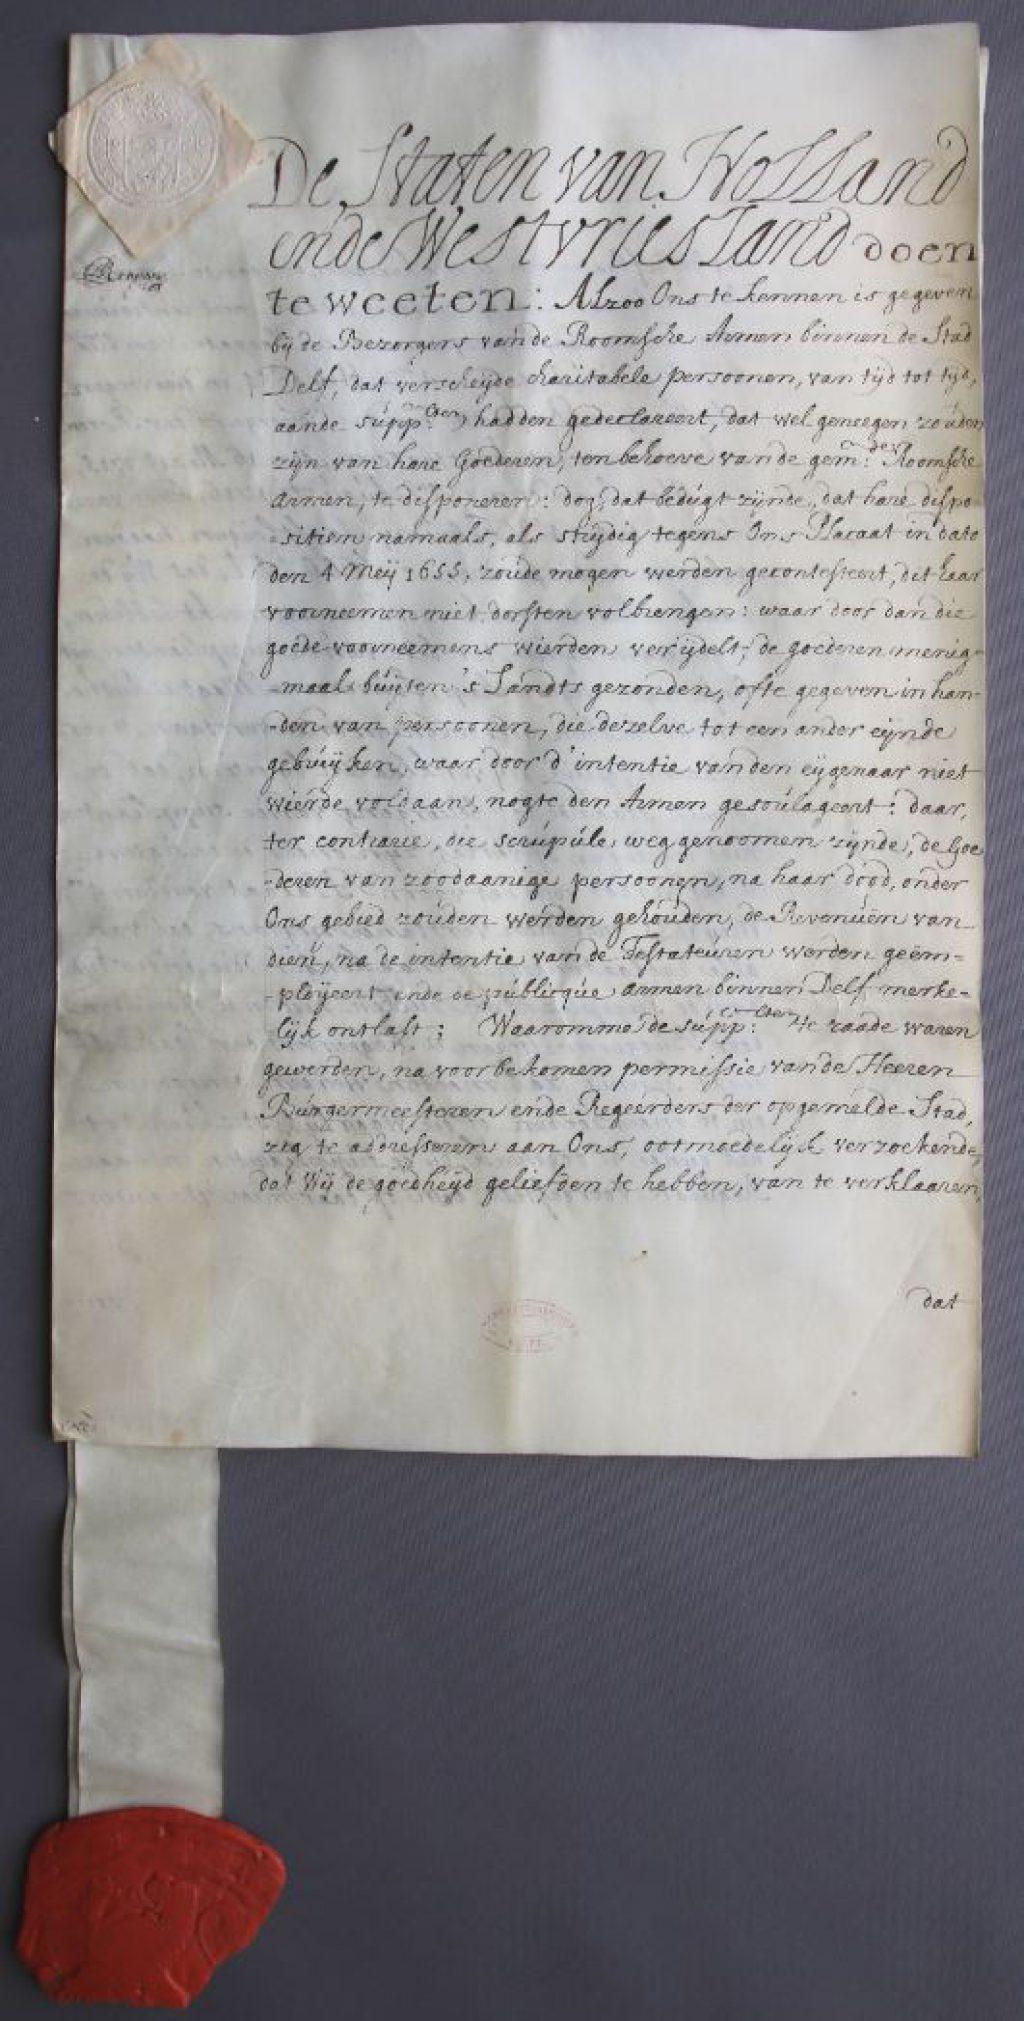 Vergunning van de Staten van Holland voor de armenbezorgers van de katholieke armen te Delft om legaten te aanvaarden, 1729. (Archief 1, inv.nr 2166, charter 7177)